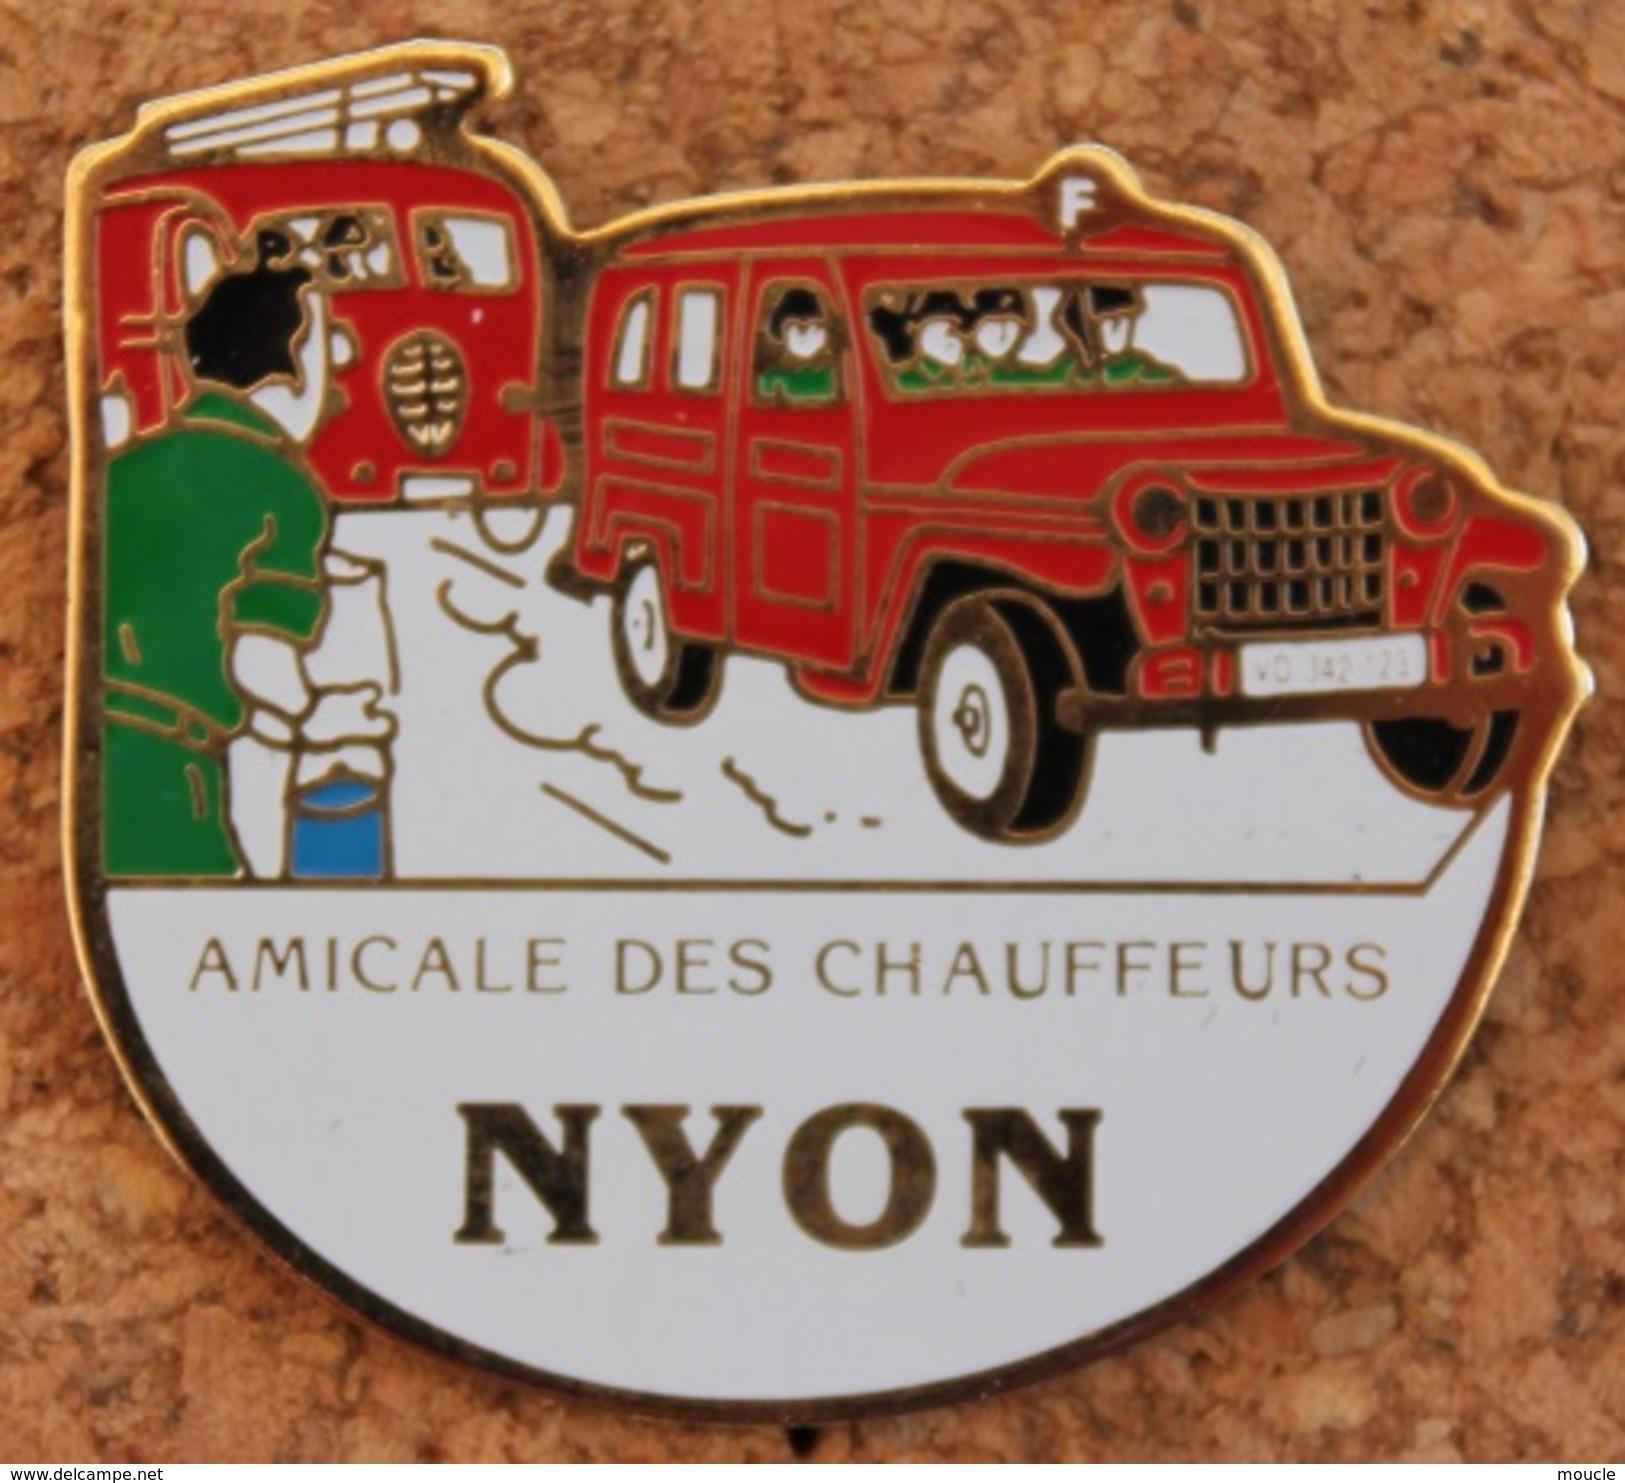 TINTIN - AMICALE DES CHAUFFEURS NYON - CANTON DE VAUD - CASE 1 - PAGE 27-L'AFFAIRE TOURNESOL- POMPIERS - HERGE -   (17) - Comics